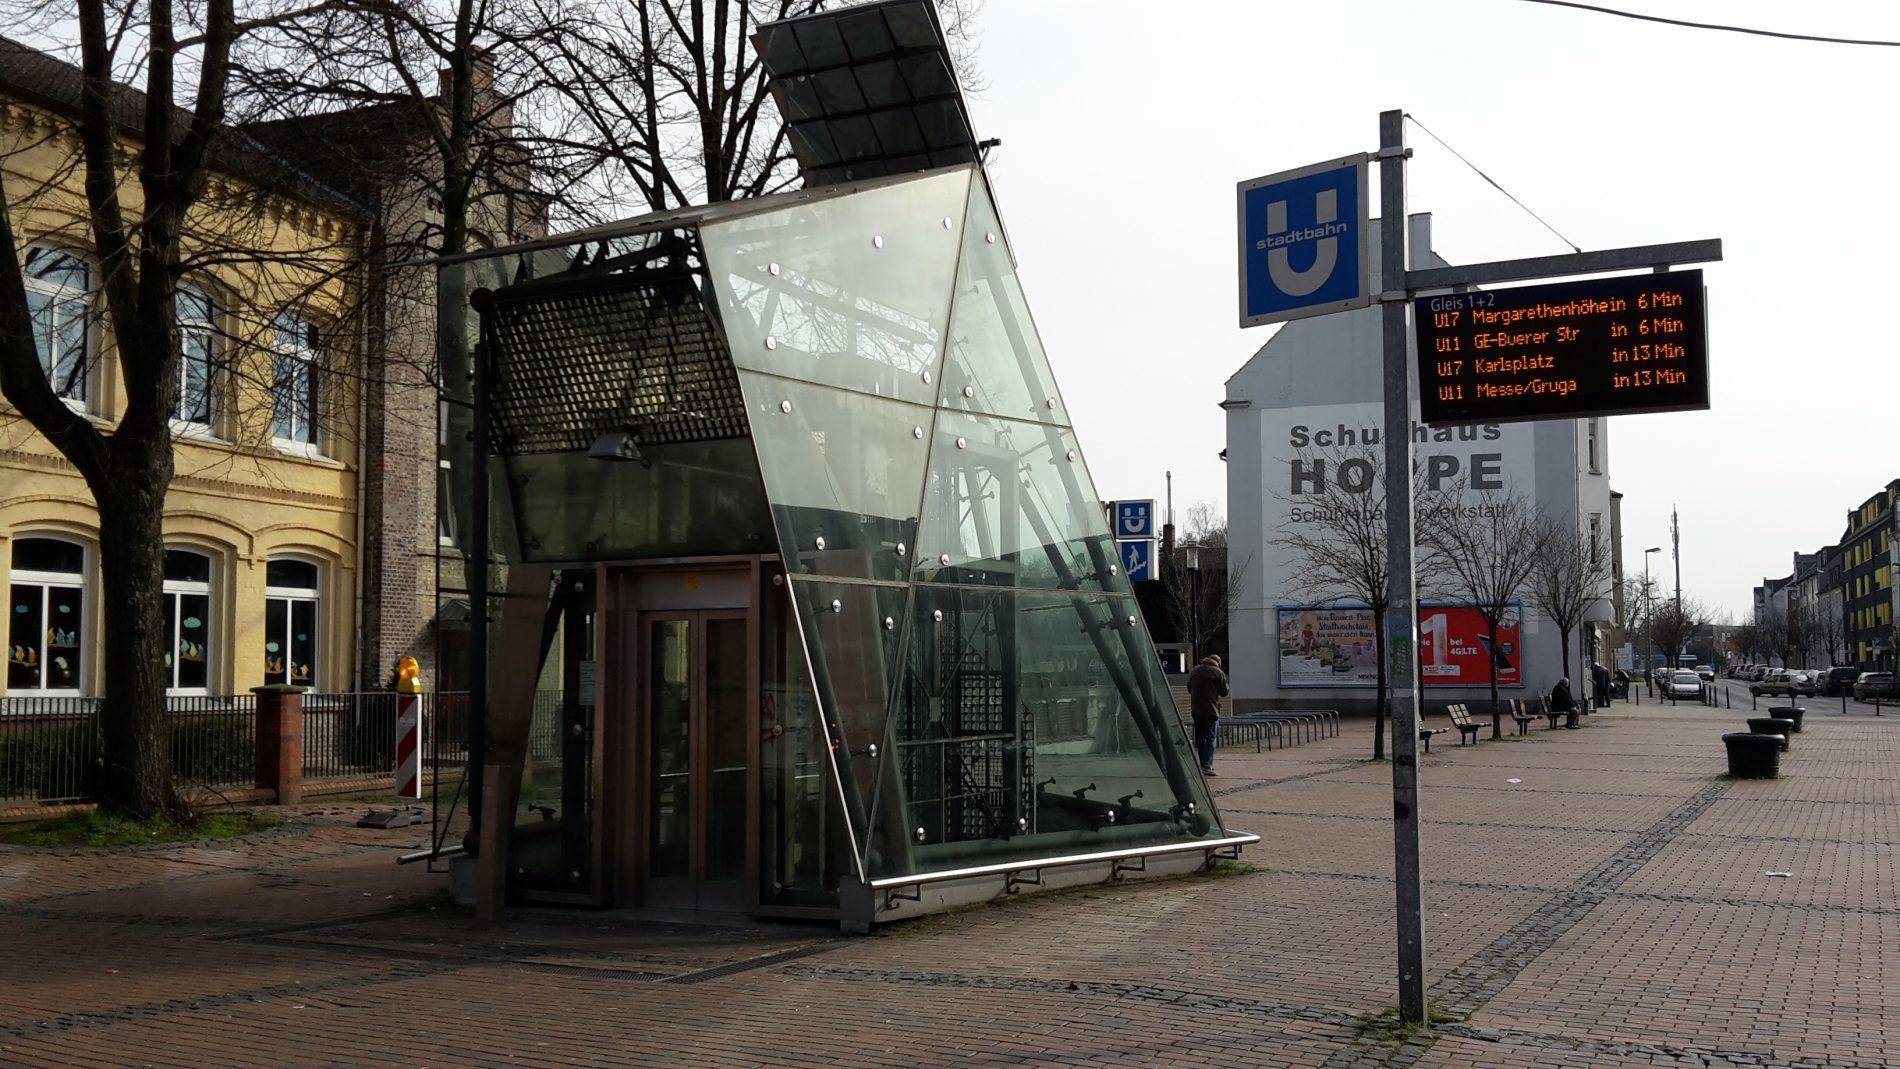 Die Glasscheiben vieler Aufzüge sind Einzelanfertigungen – wie hier beim Aufzug in Altenessen Mitte. Die Lieferung der Ersatzteile dauert deshalb meist sehr lange.